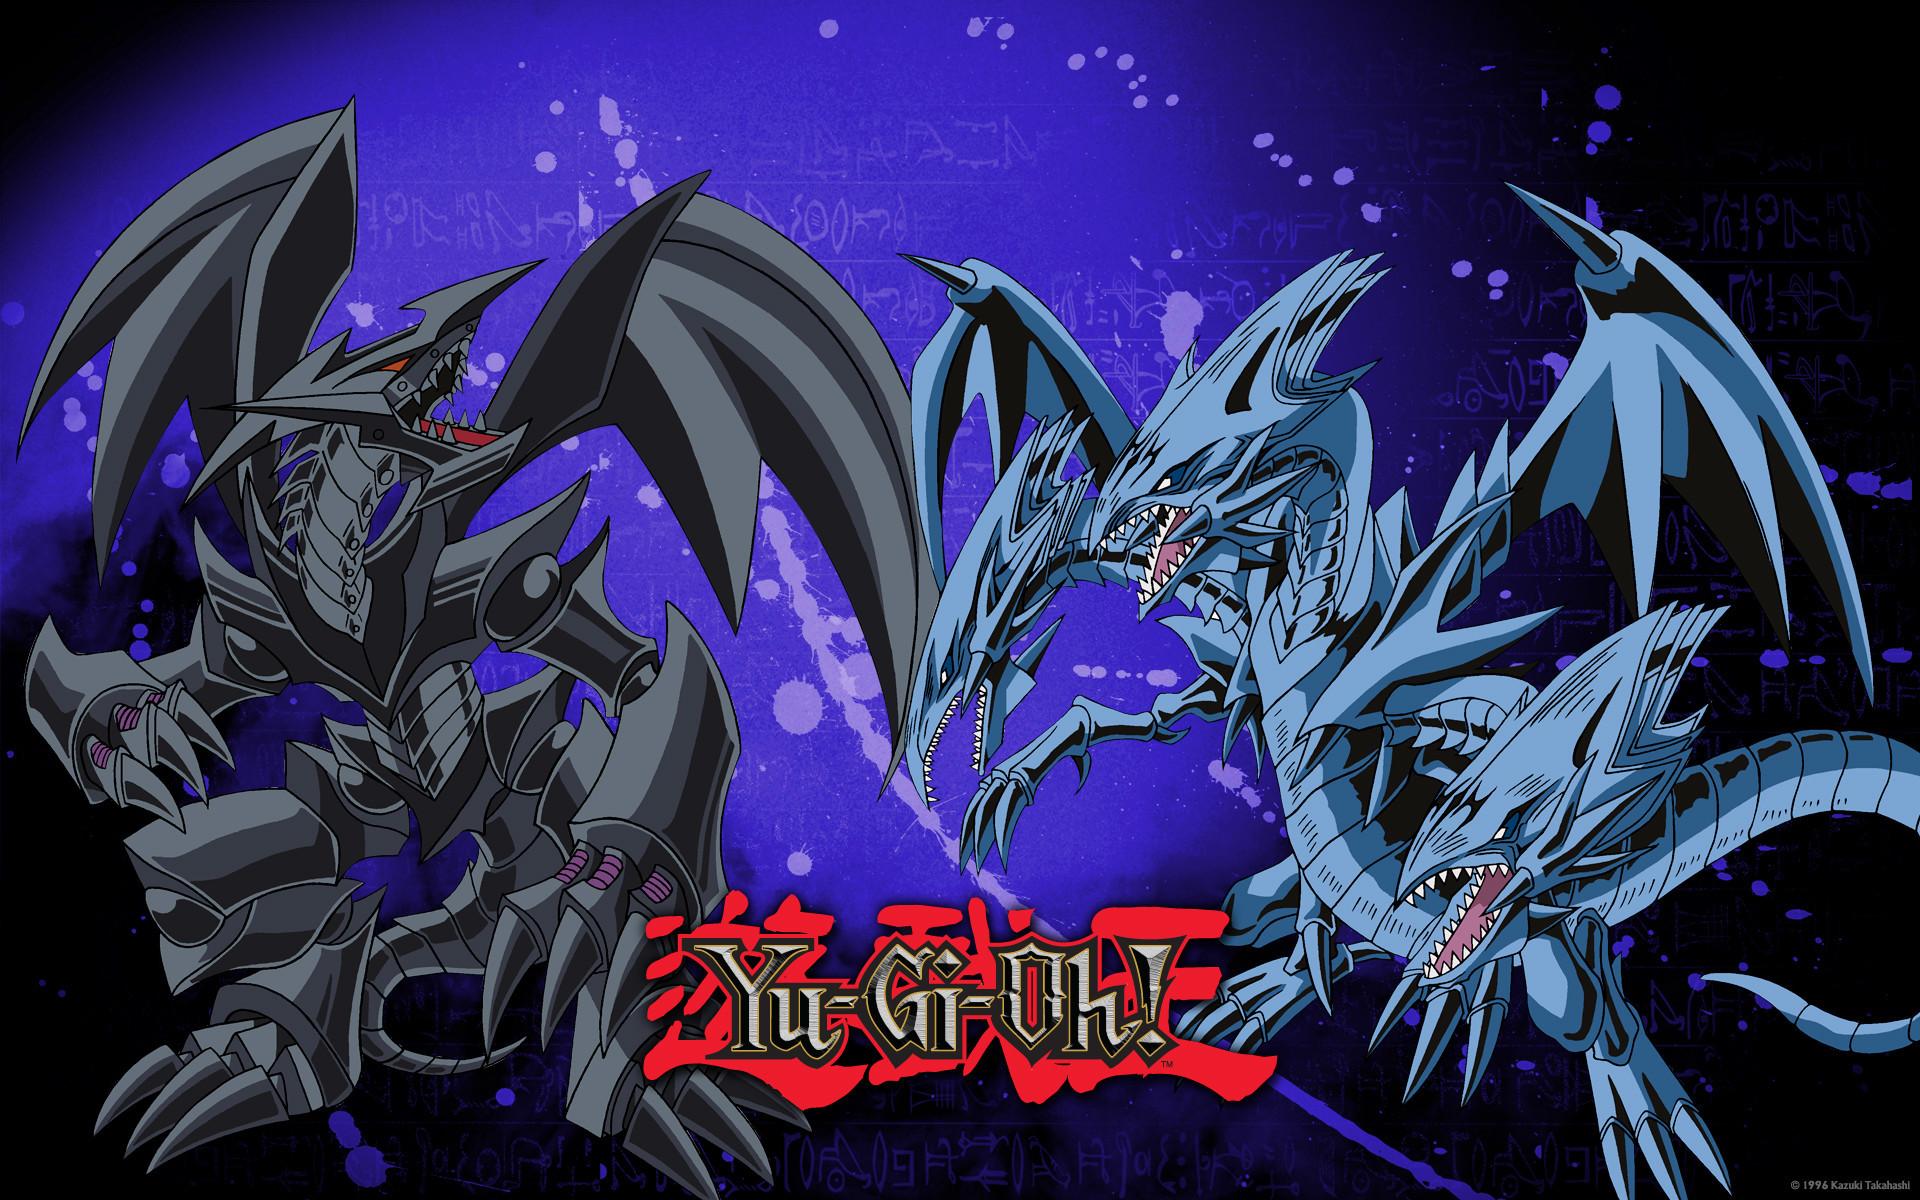 … download Yu-Gi-Oh! image